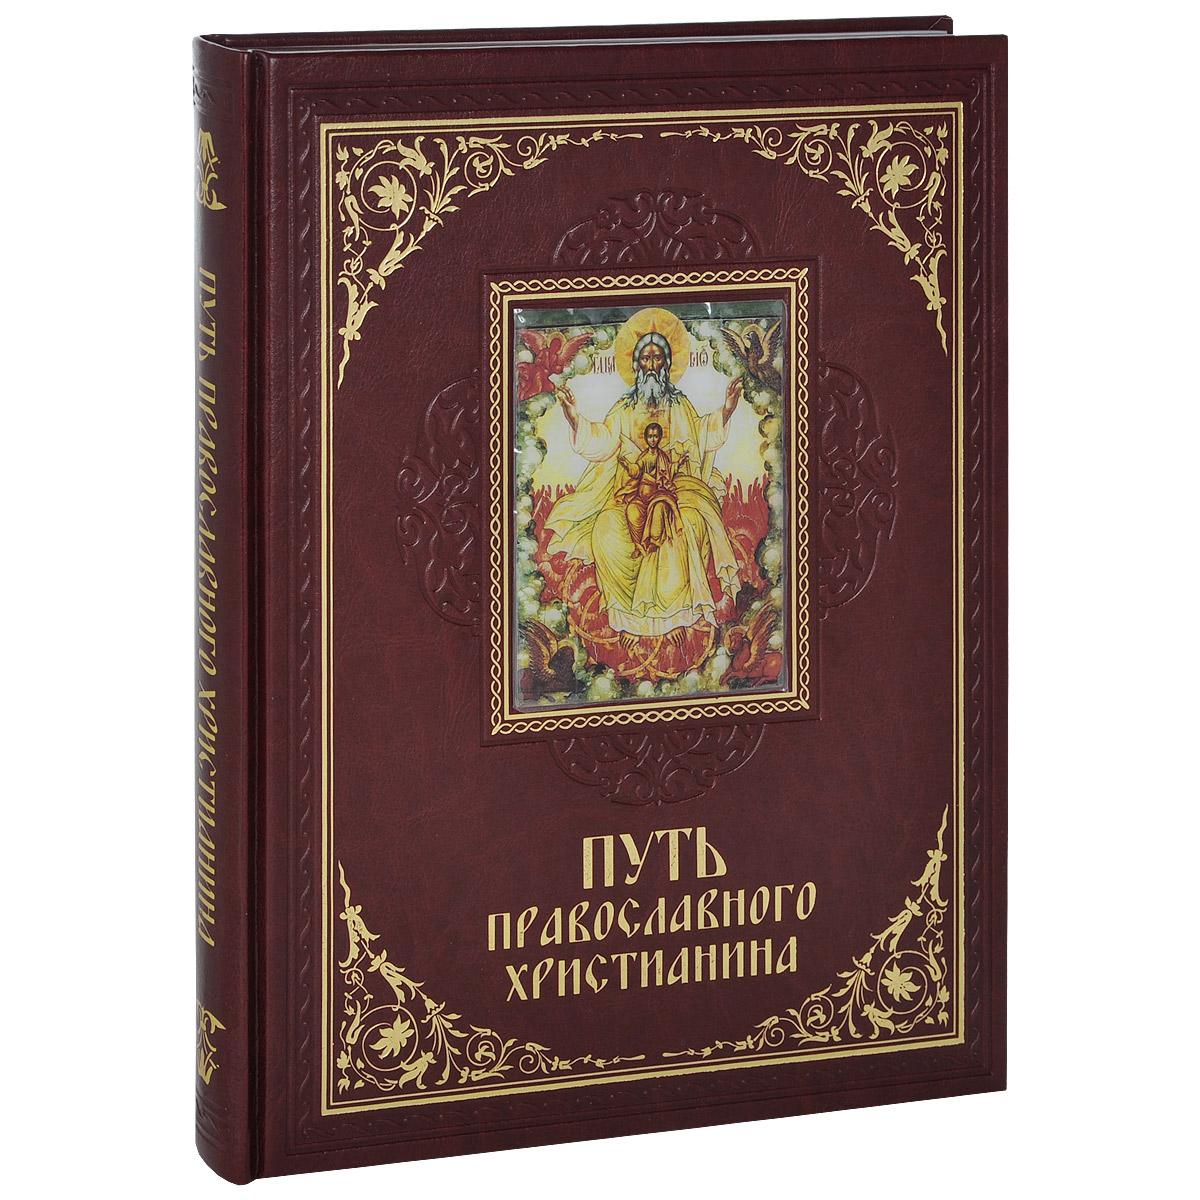 Елена Прокофьева Путь православного христианина (подарочное издание) валентин дикуль упражнения для позвоночника для тех кто в пути